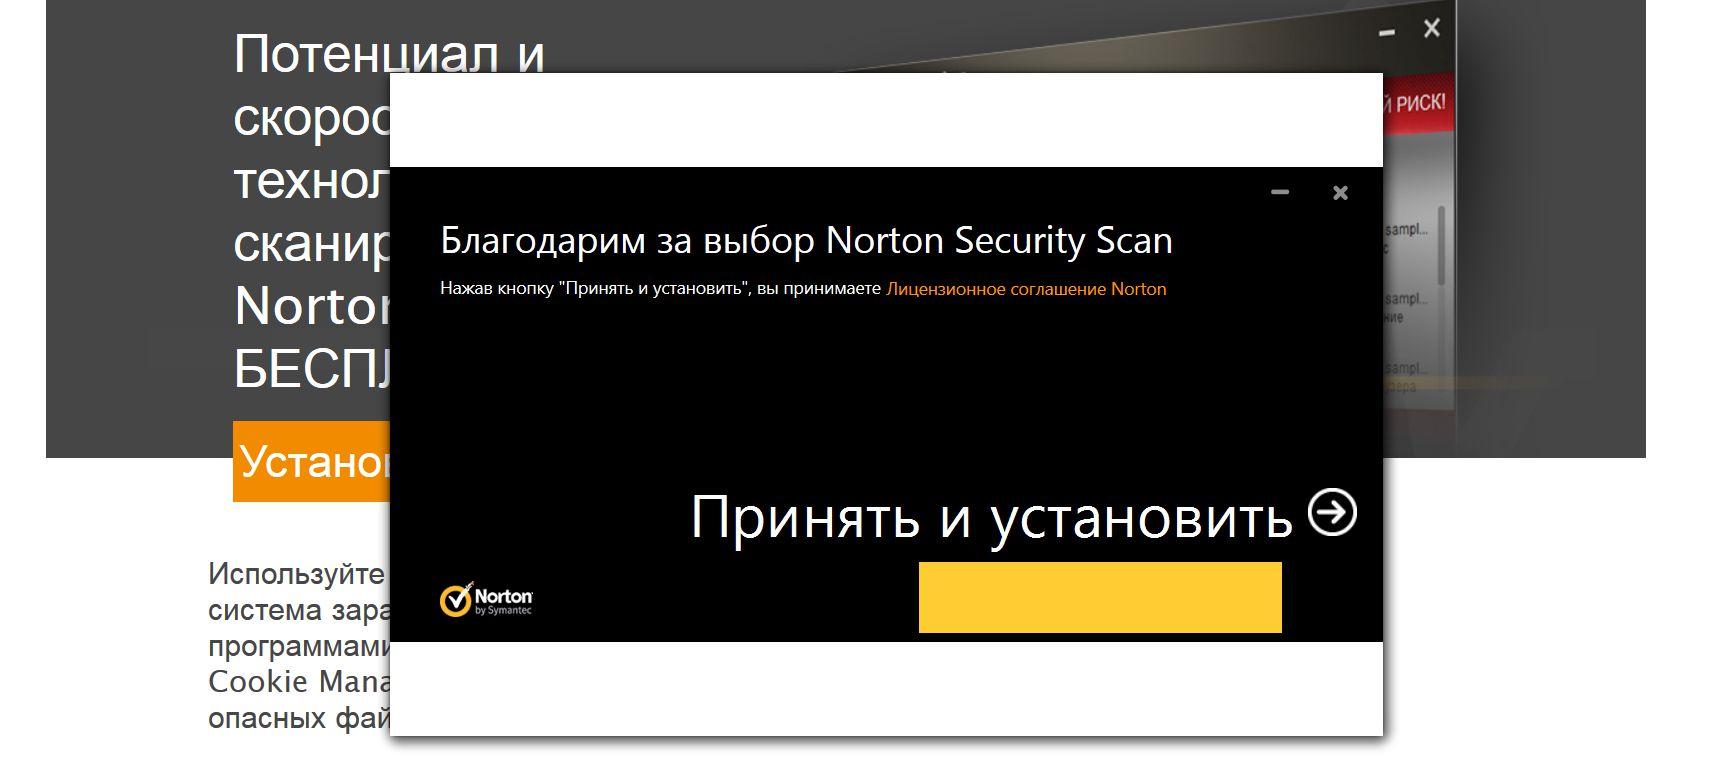 Первый запуск Norton Security Scan